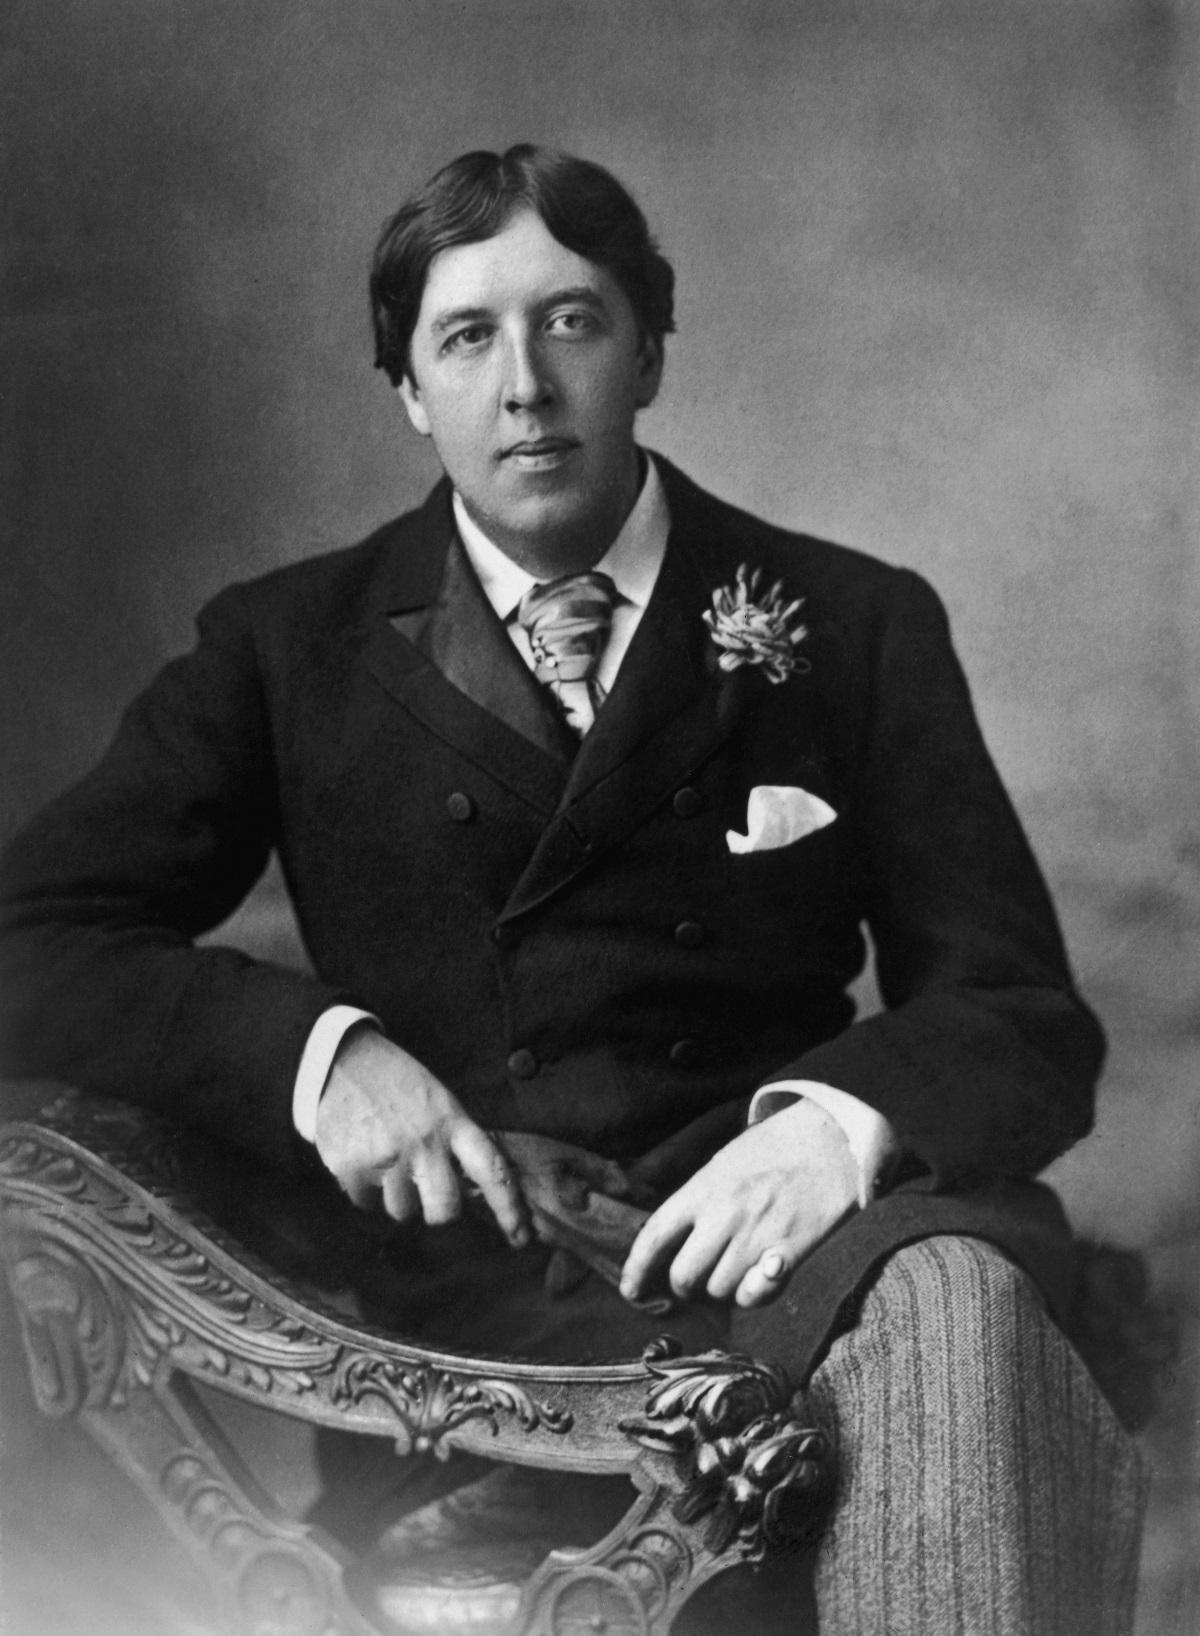 """Оскар Уайлд - Още бащата на ирландския писател е бил член на масонска ложа в Дъблин. През 1875 г., по време на следването си, младият Уайлд се присъединява към масонската ложа Apollo University Lodge no. 357. Само три години по-късно обаче е принуден да я напусне - заради неплатени членски вноски. През 1883 г. е изключен и от Churchill Lodge, което слага край на масонската му """"кариера""""."""